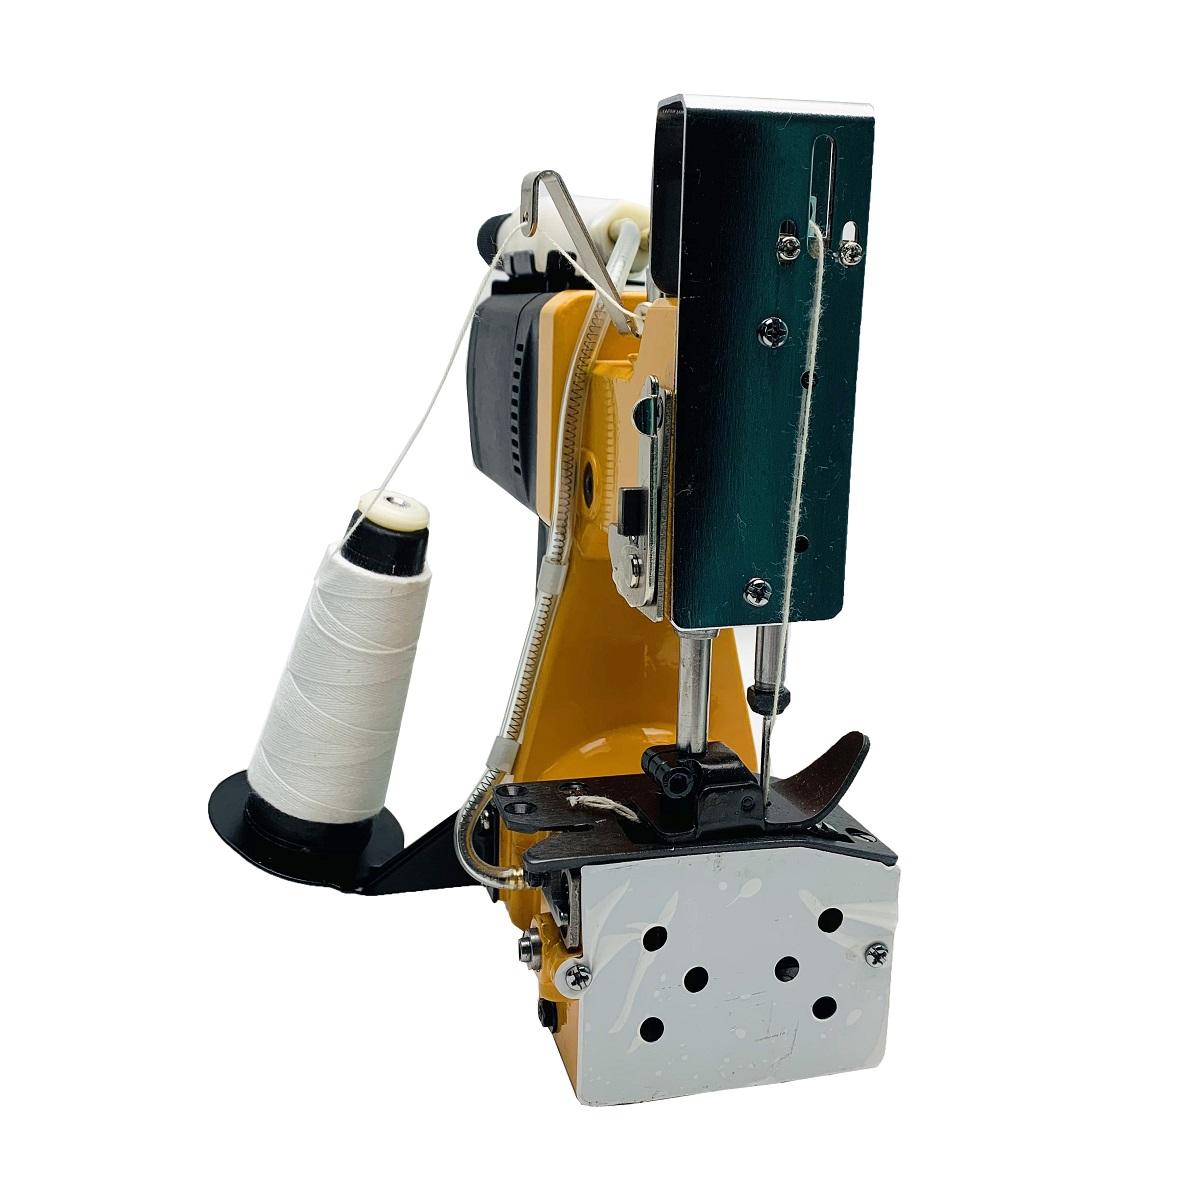 Máy khâu bao đa năng - Máy khâu bao bì cầm tay GK9-618